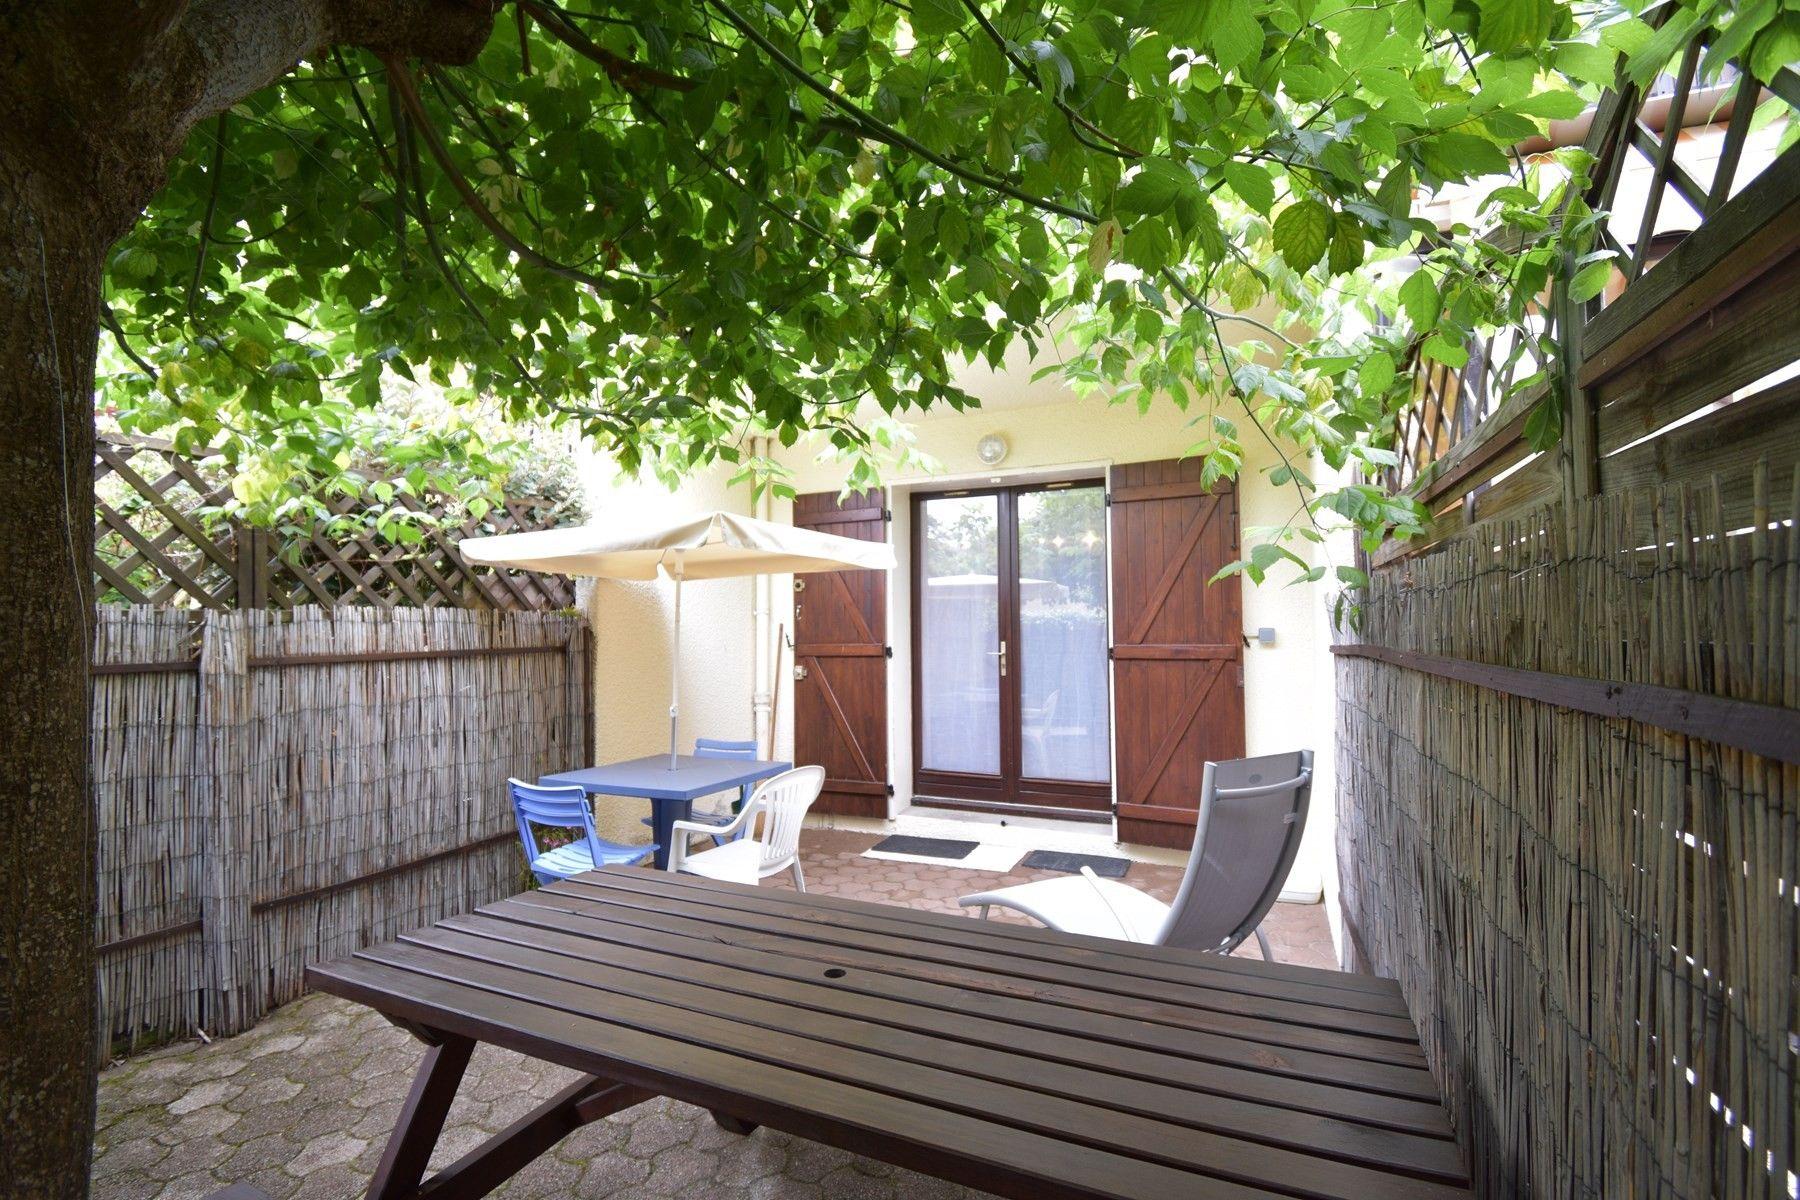 location de vacances à Capbreton ref:0434